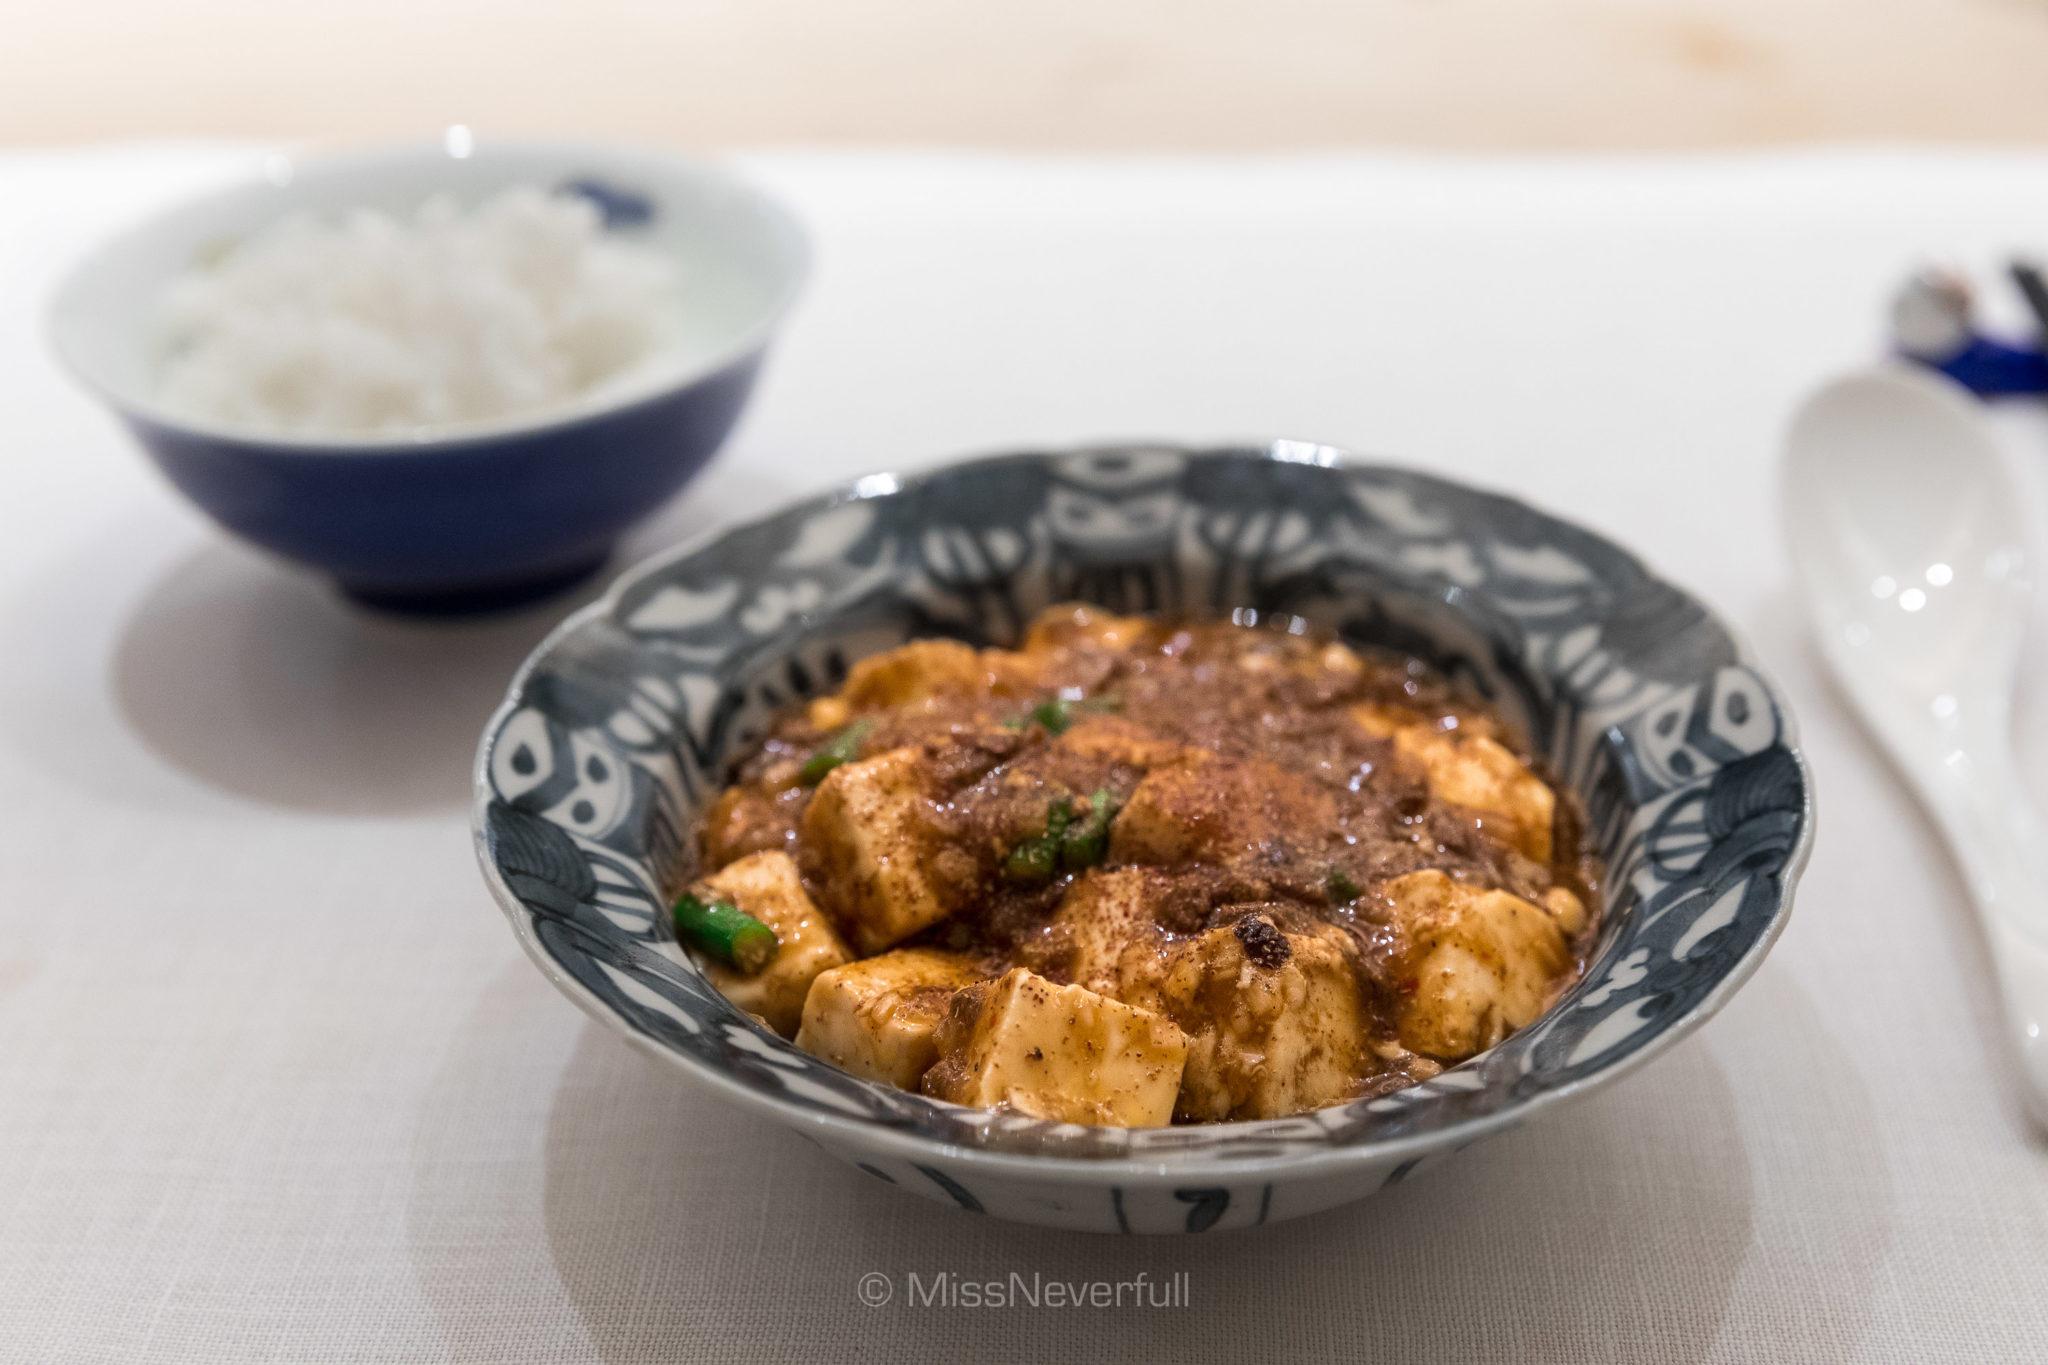 Mapo tofu with white rice (麻婆豆腐とごはん)